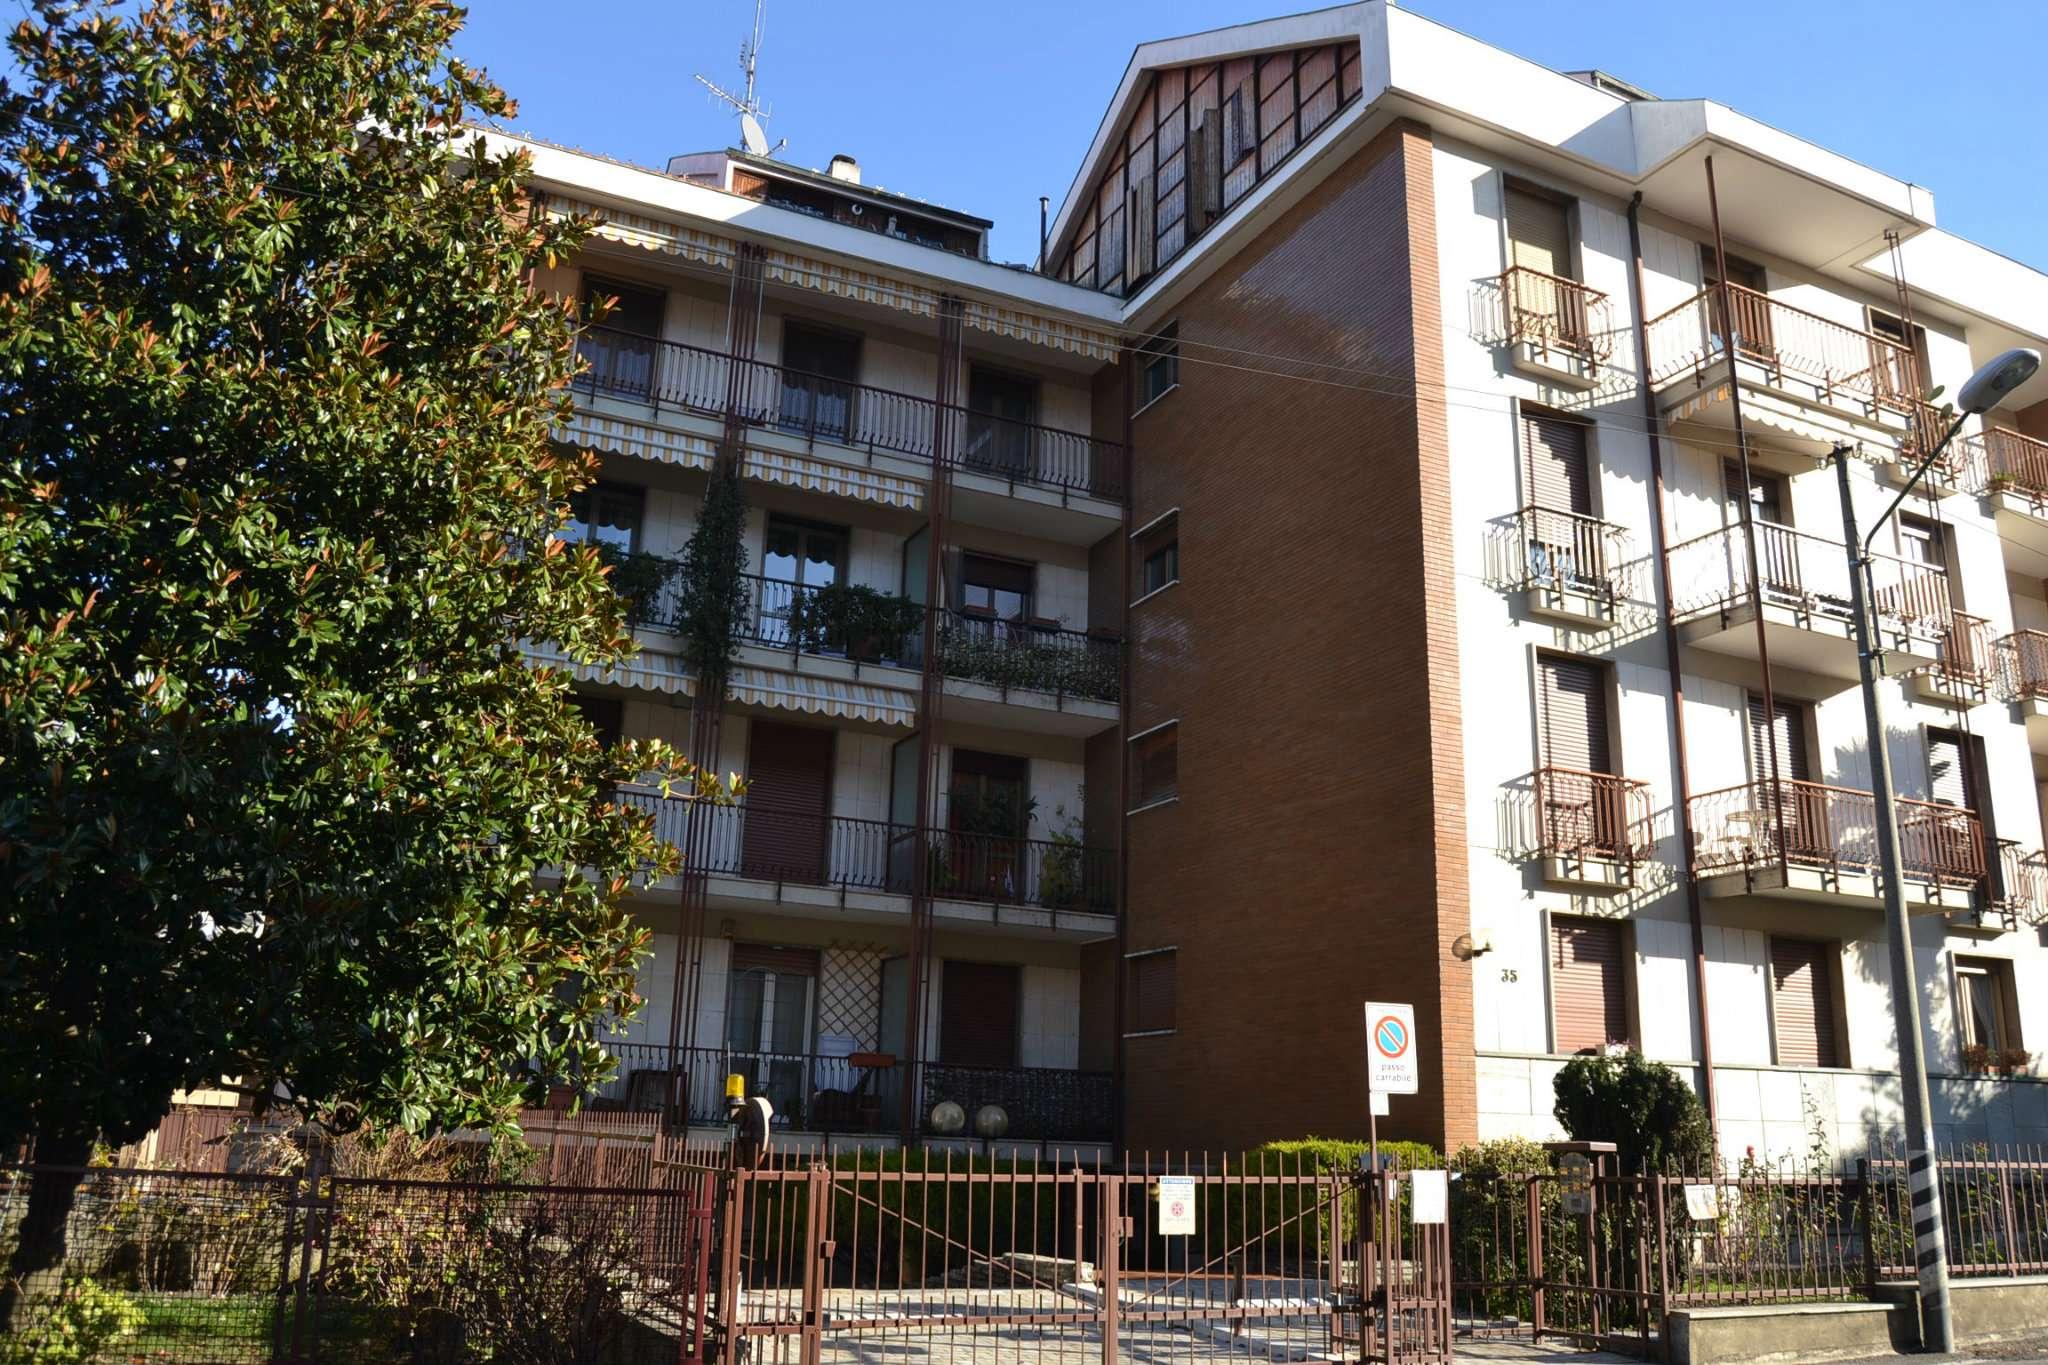 Attico / Mansarda in affitto a Torino, 2 locali, zona Zona: 5 . Collina, Precollina, Crimea, Borgo Po, Granmadre, Madonna del Pilone, prezzo € 550 | Cambio Casa.it